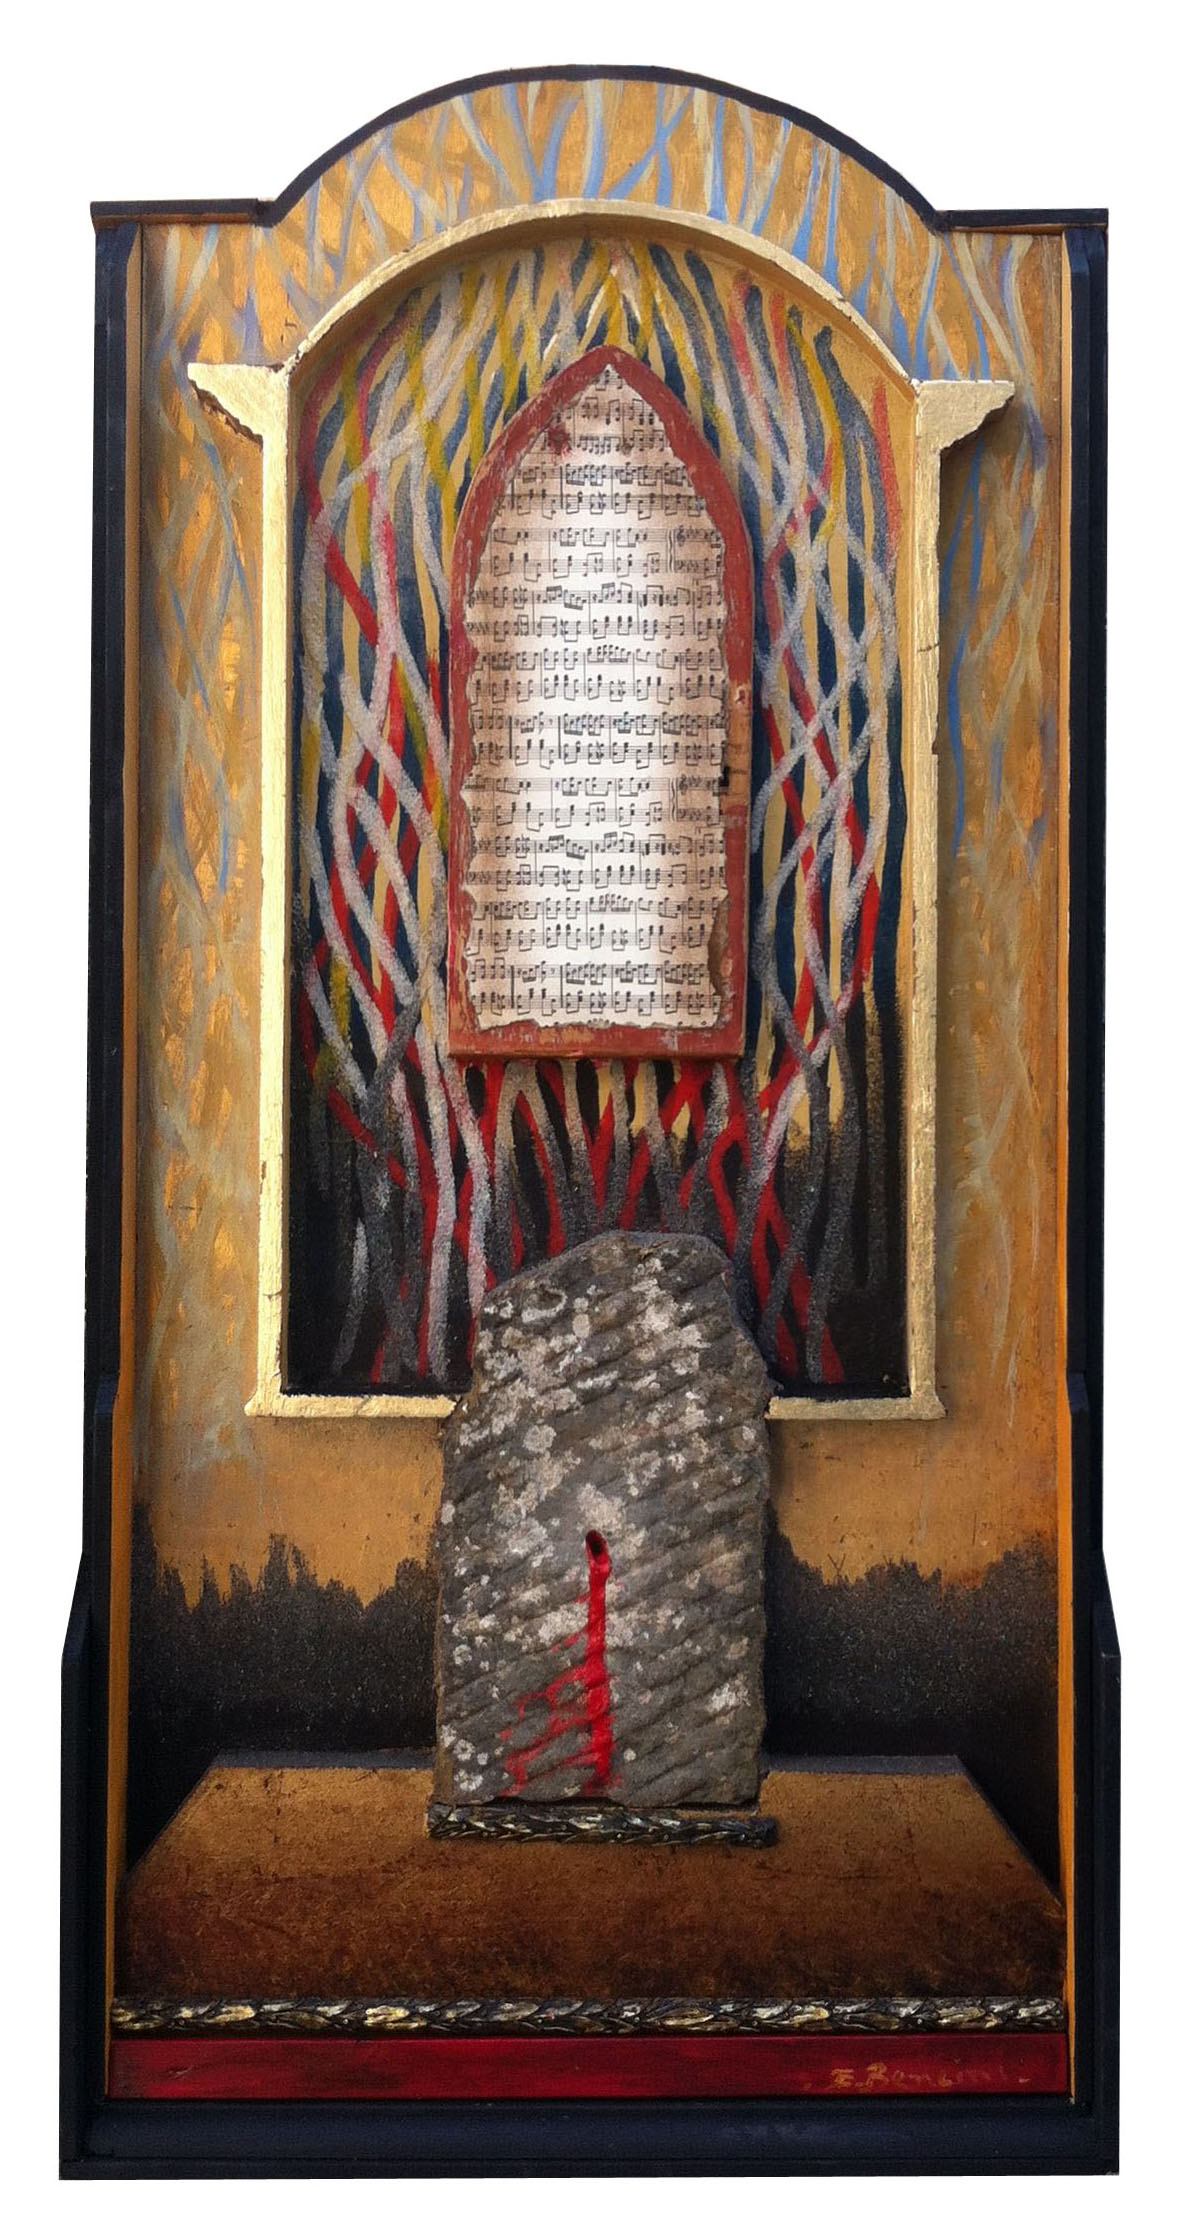 requiem - omaggio a G.Verdi, 115x57 cm, 2013